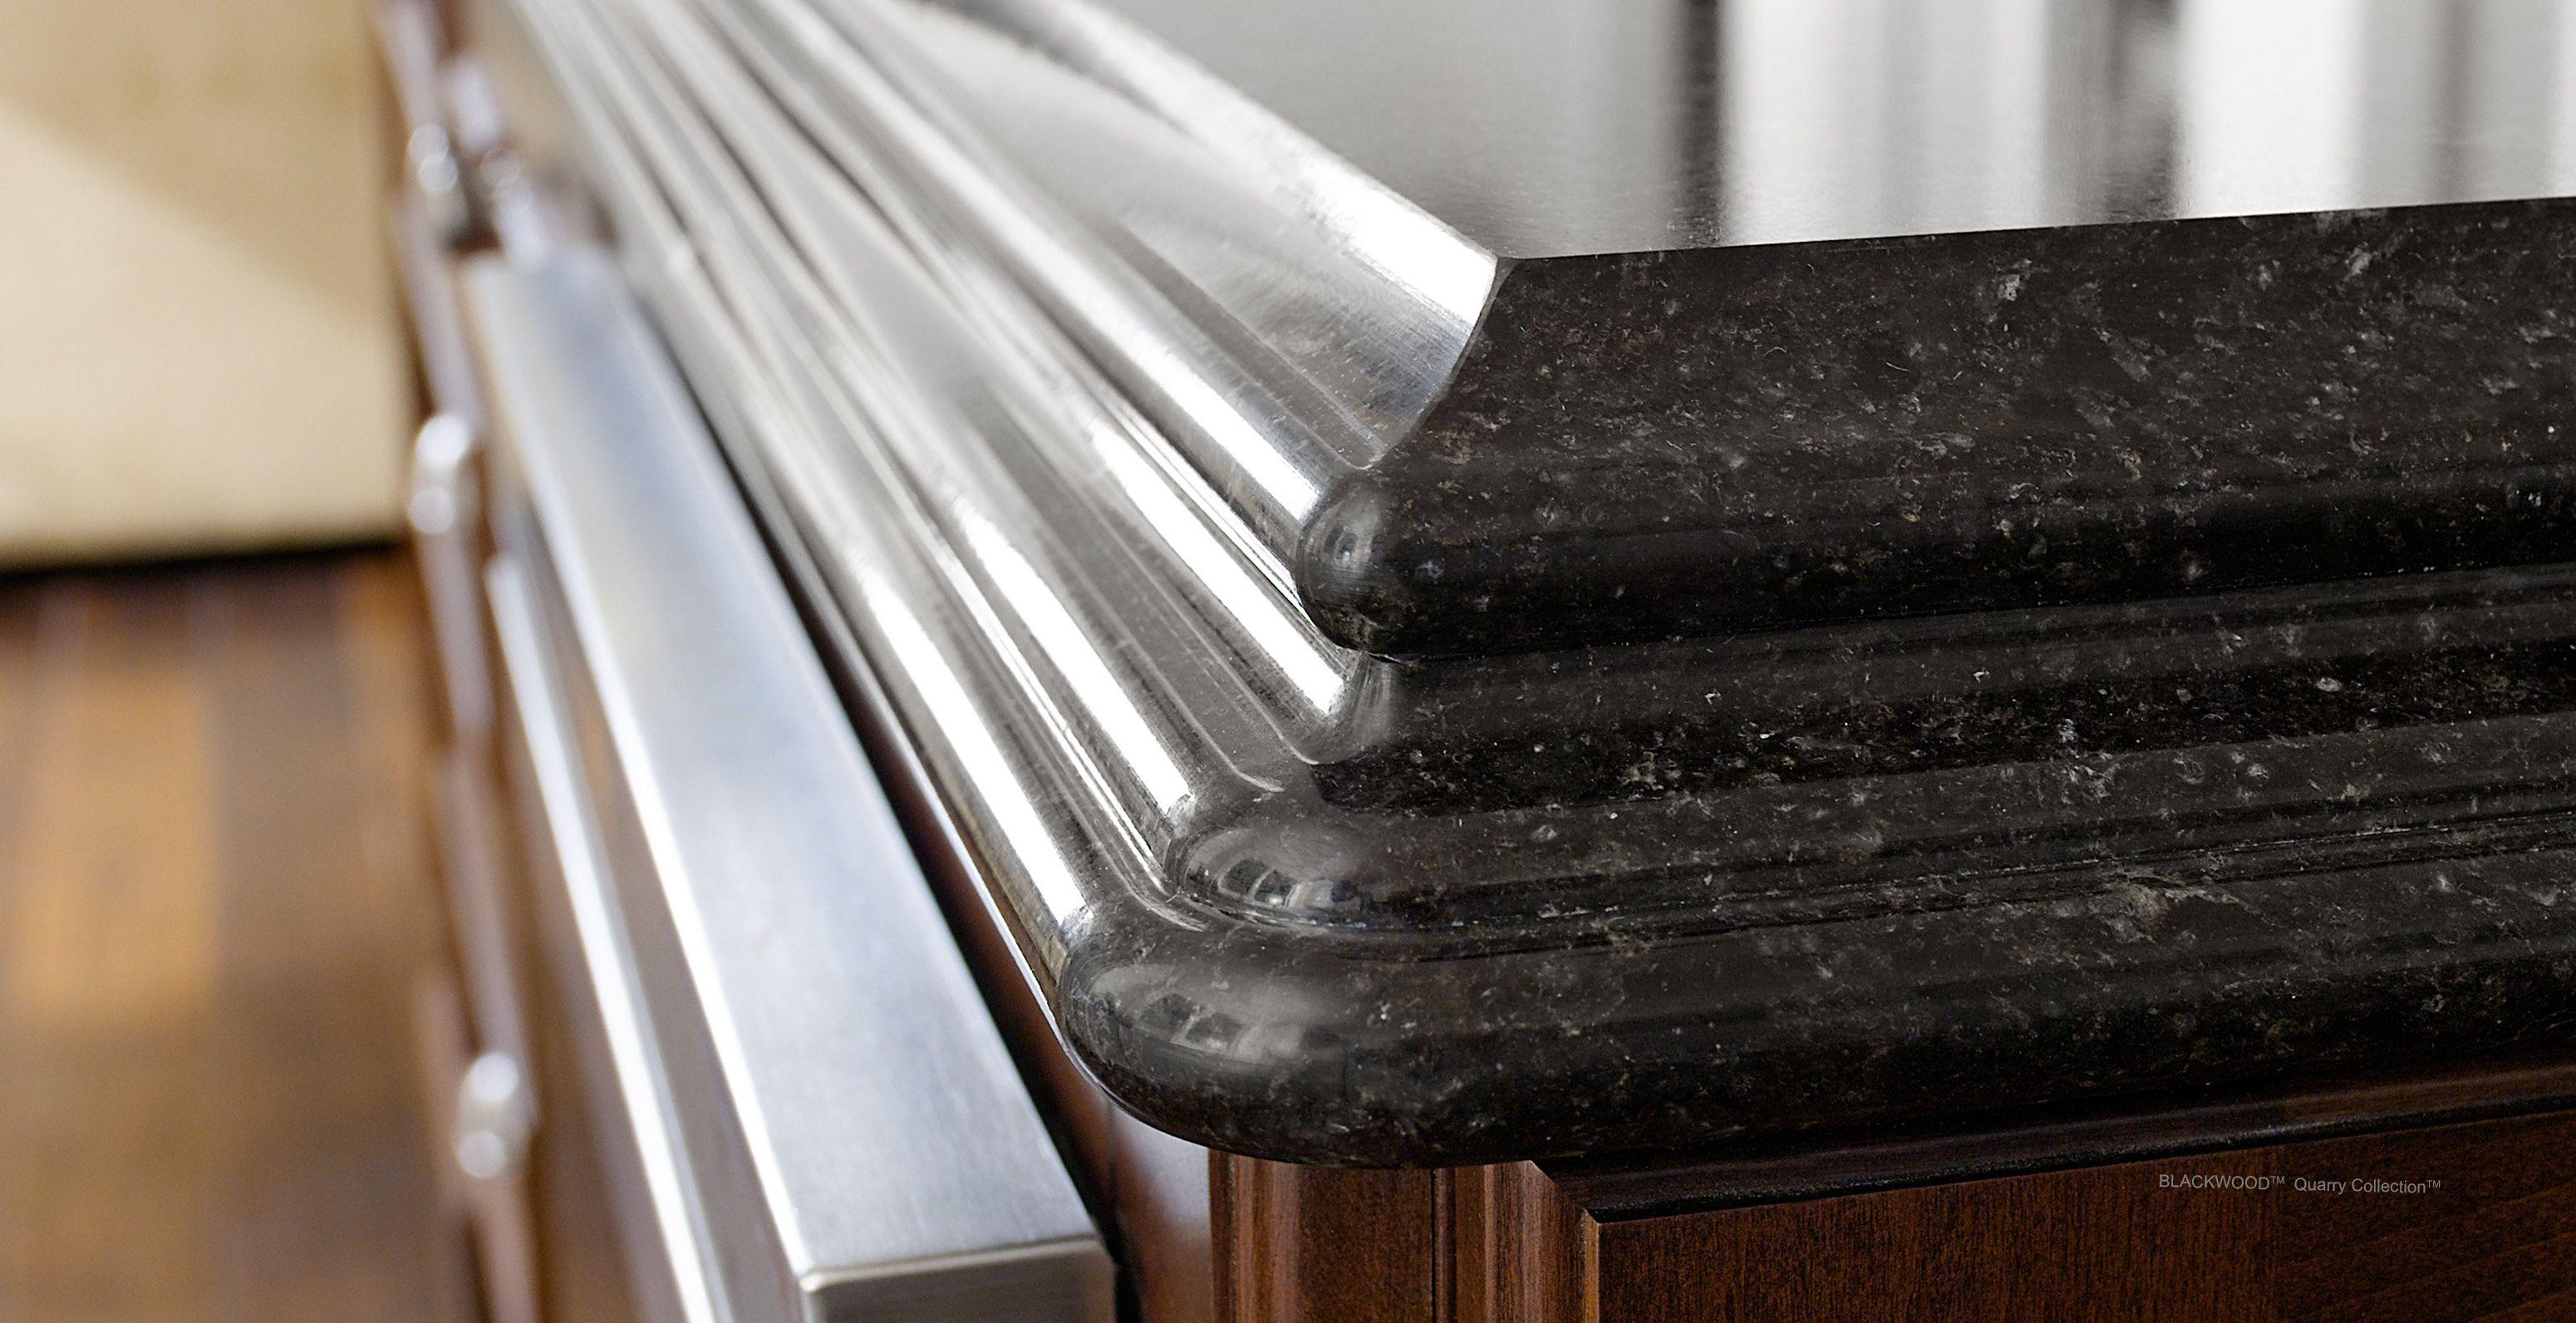 Cambria Quartz Waterfall Edge Profile Engineered Quartz